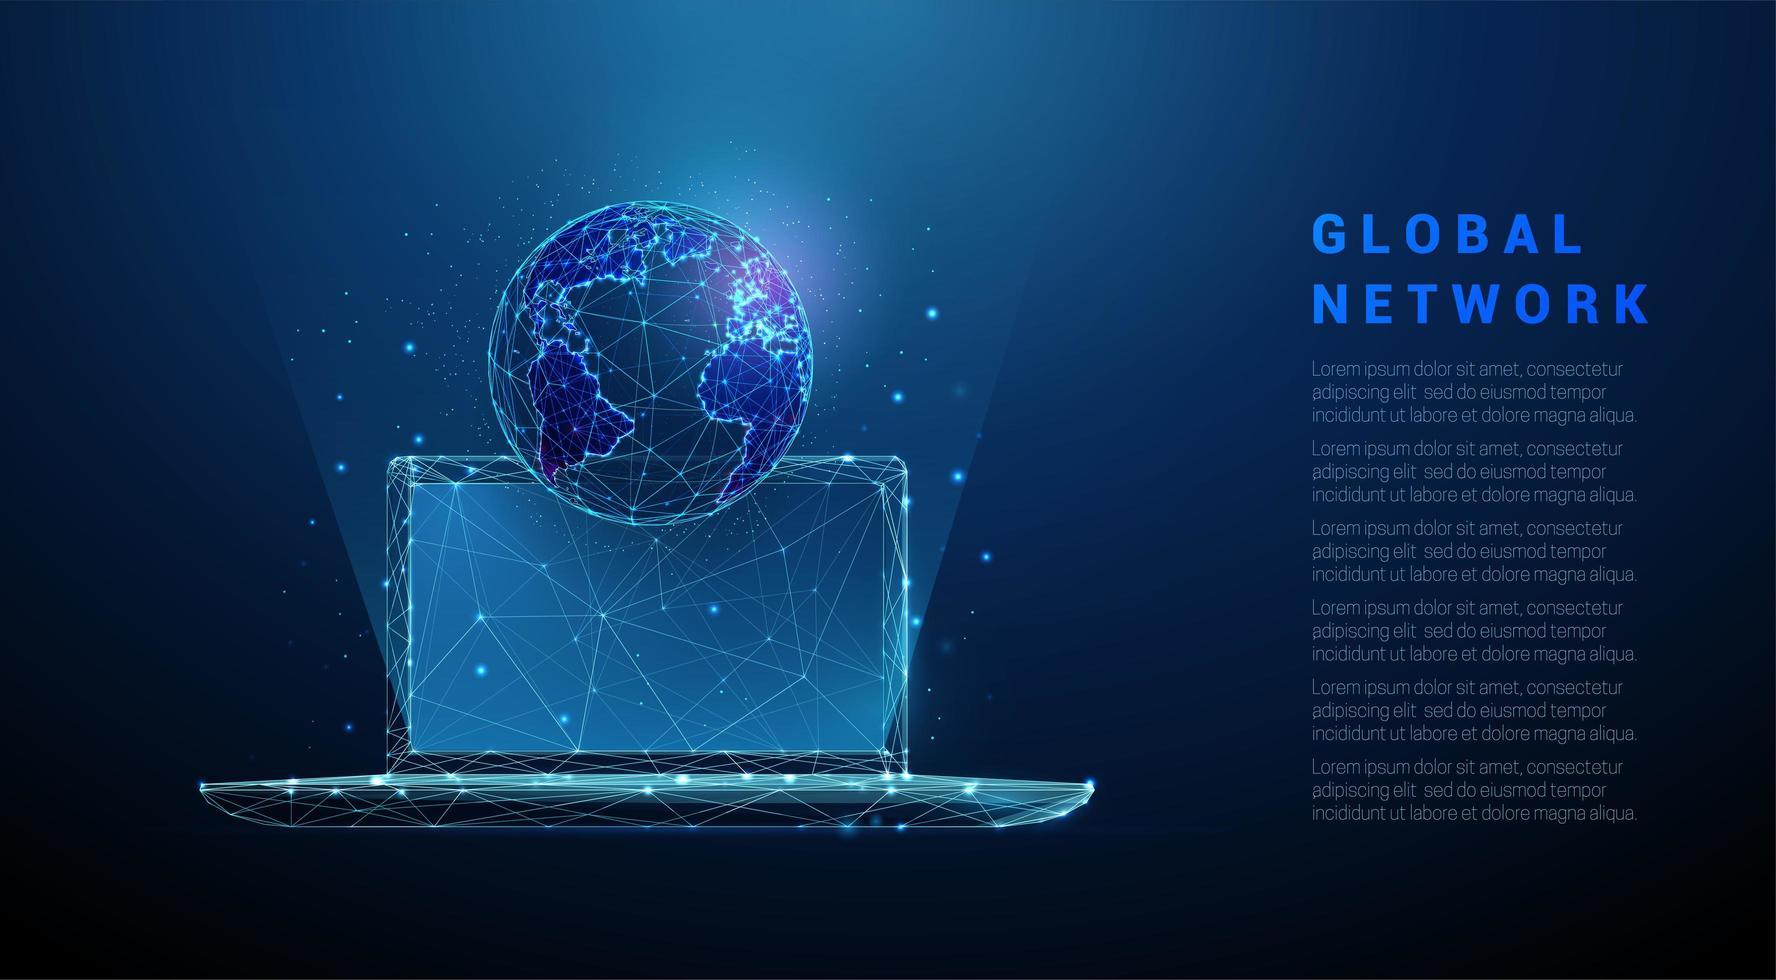 niedriger poly abstrakter Laptop mit Planet Erde. vektor